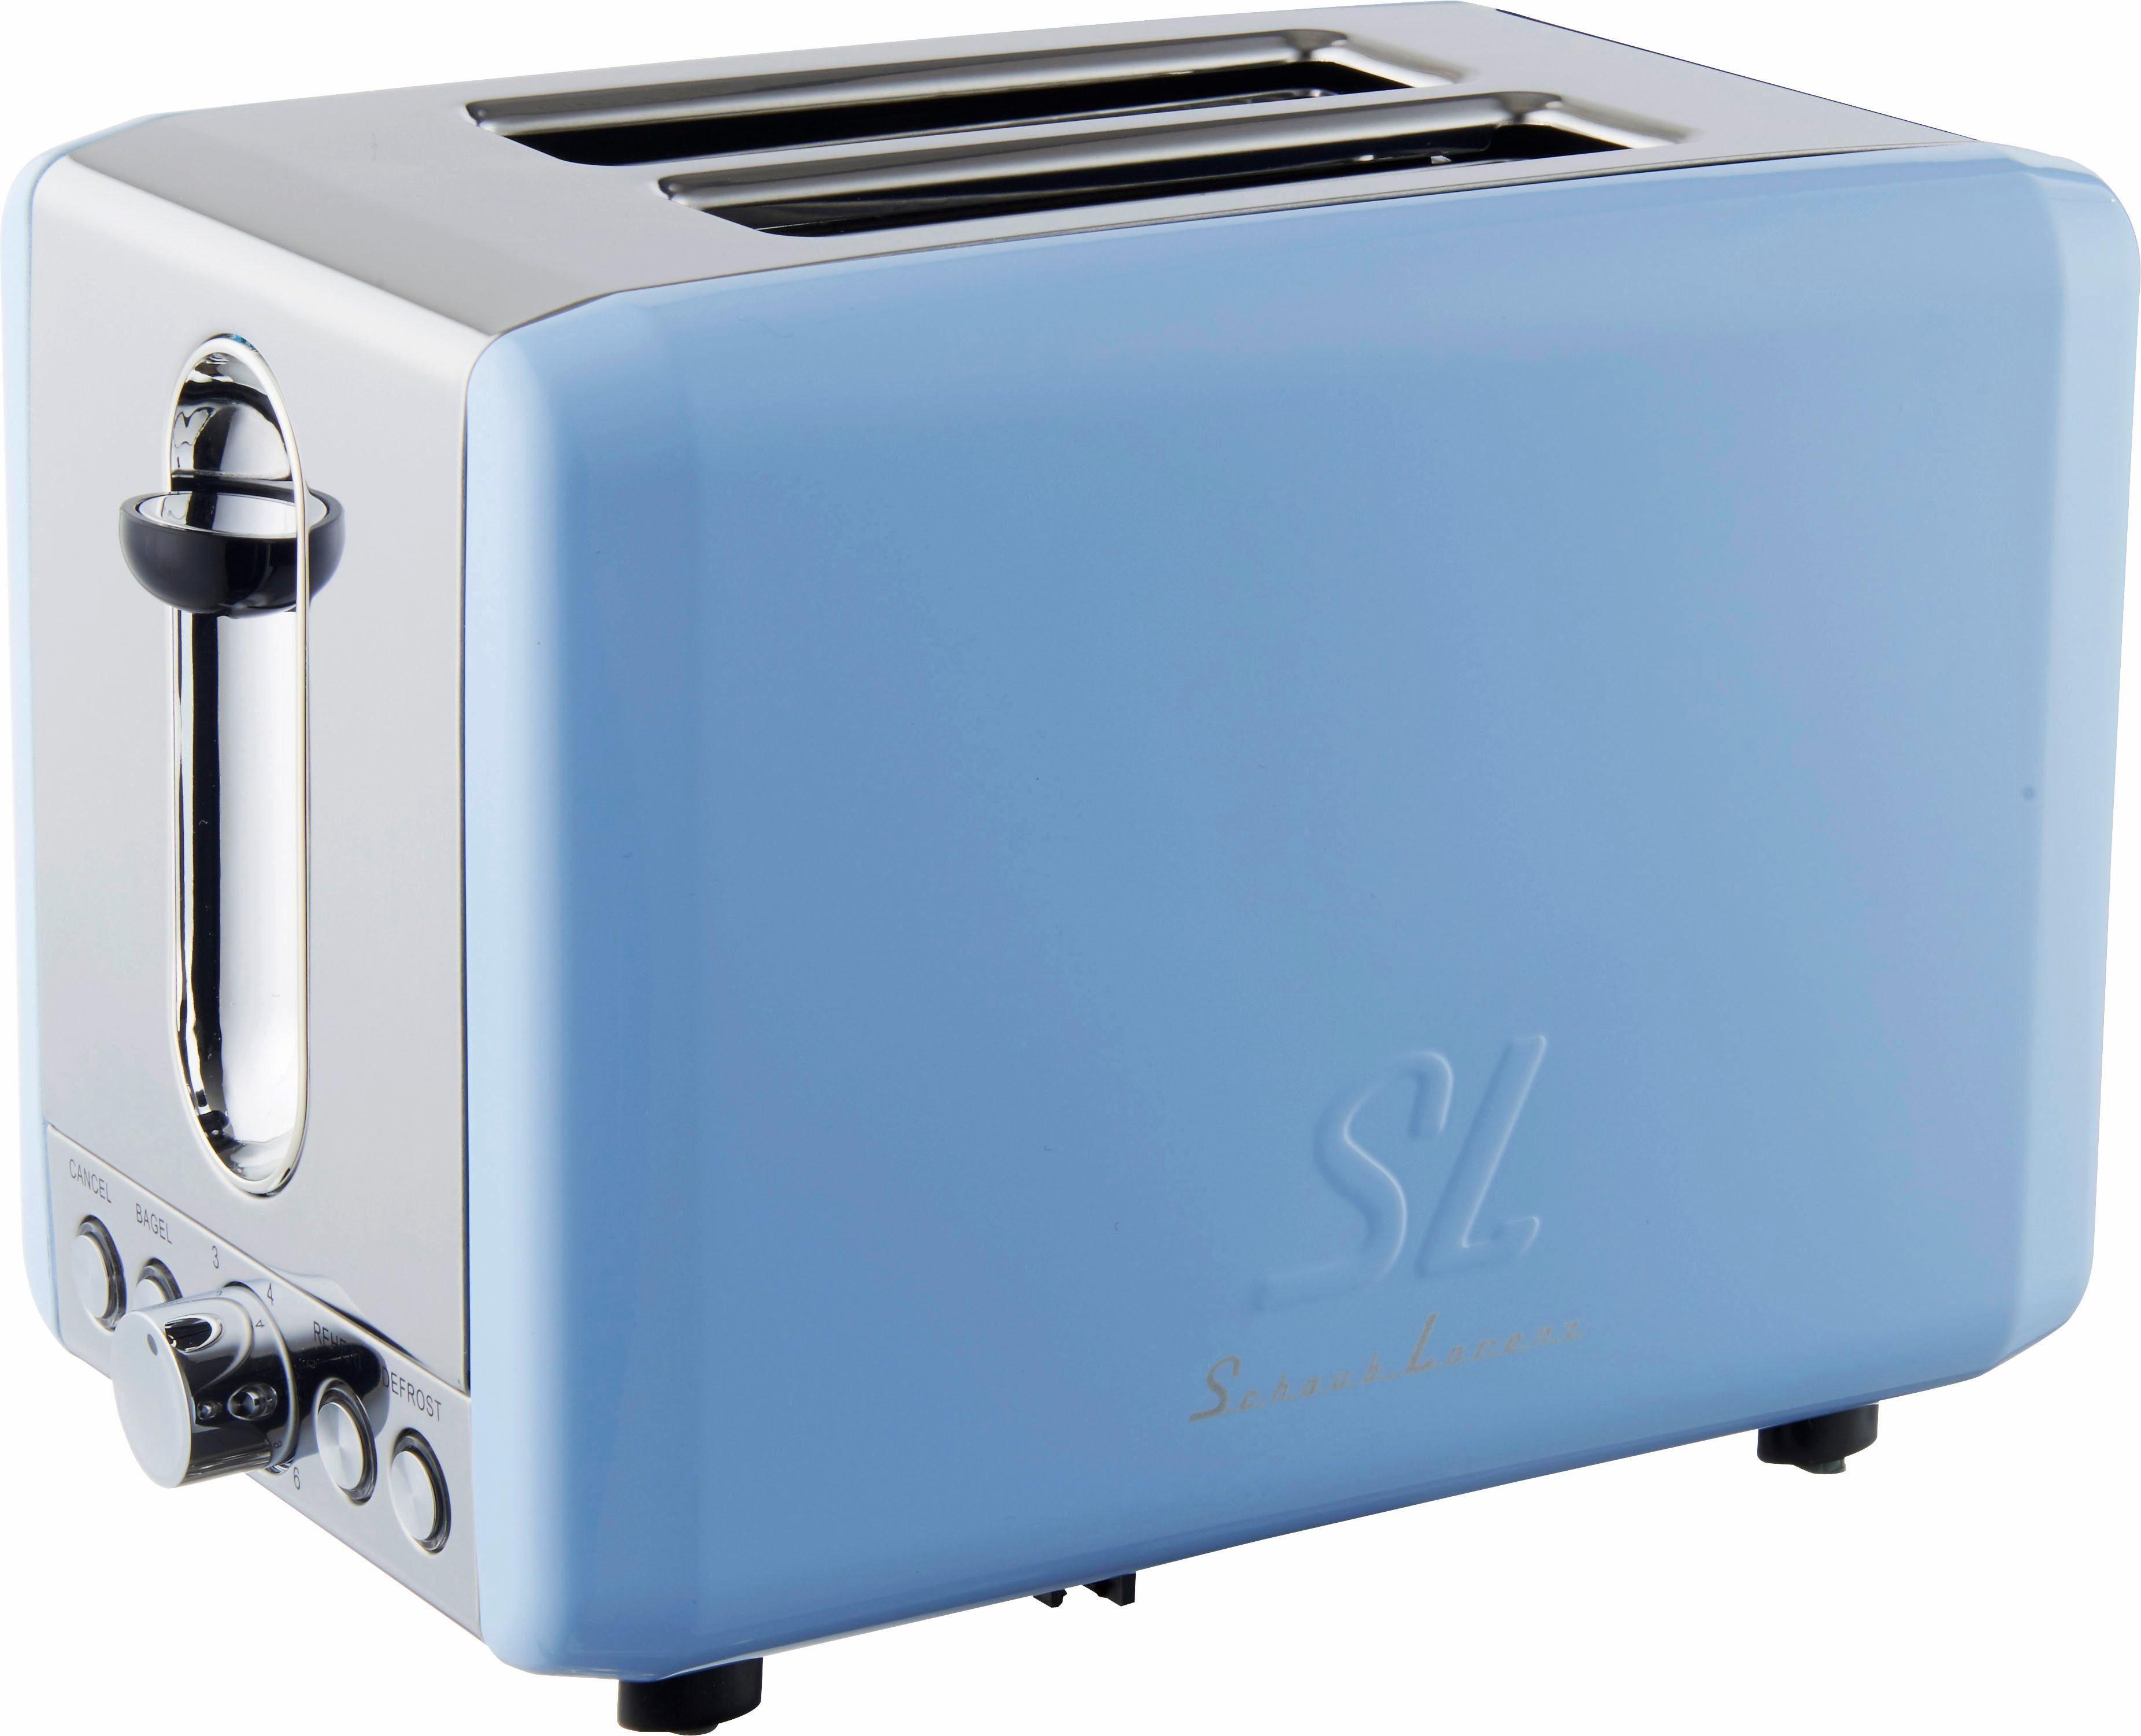 Retro Kühlschrank Lorenz : Schaub lorenz toaster sl t slb für scheiben w online